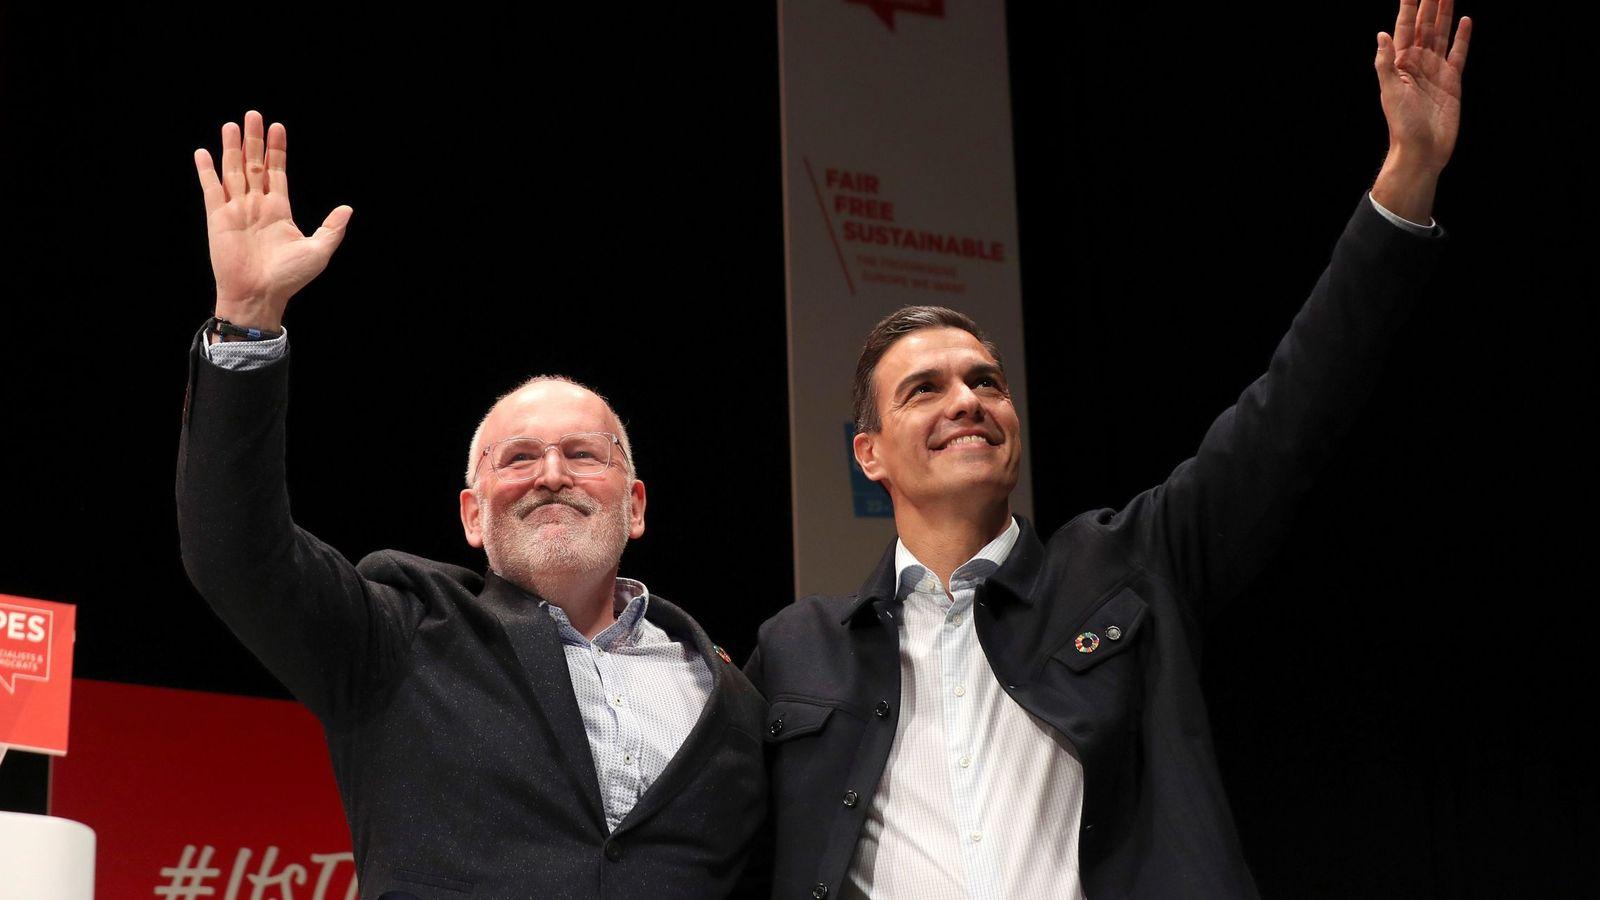 Foto: El candidato socialista europeo, Frans Timmermans, junto al presidente del Gobierno español. (EFE)